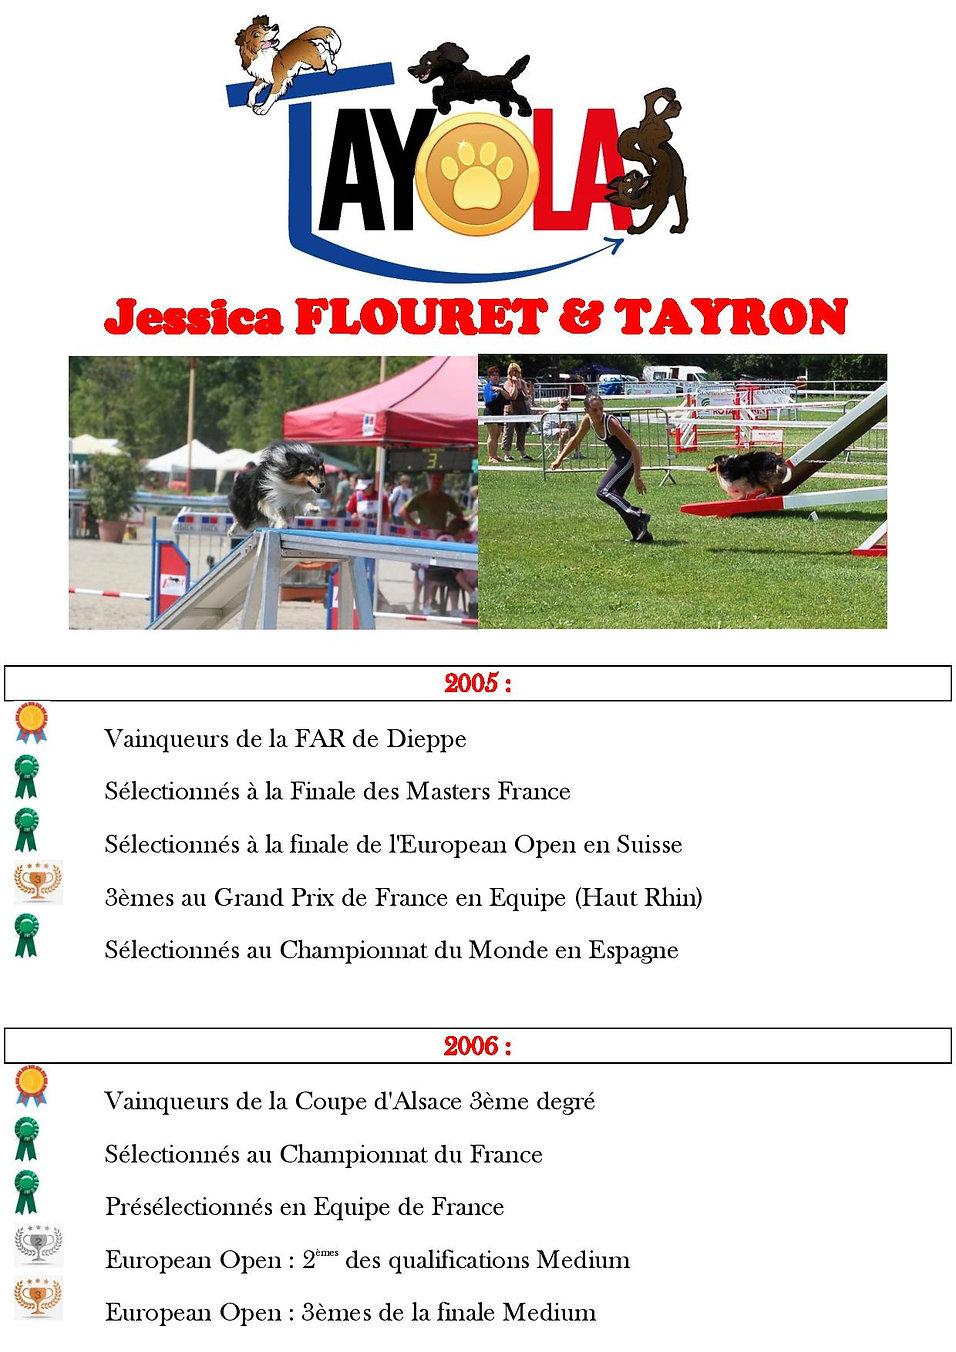 palmares Jessica-page-001.jpg